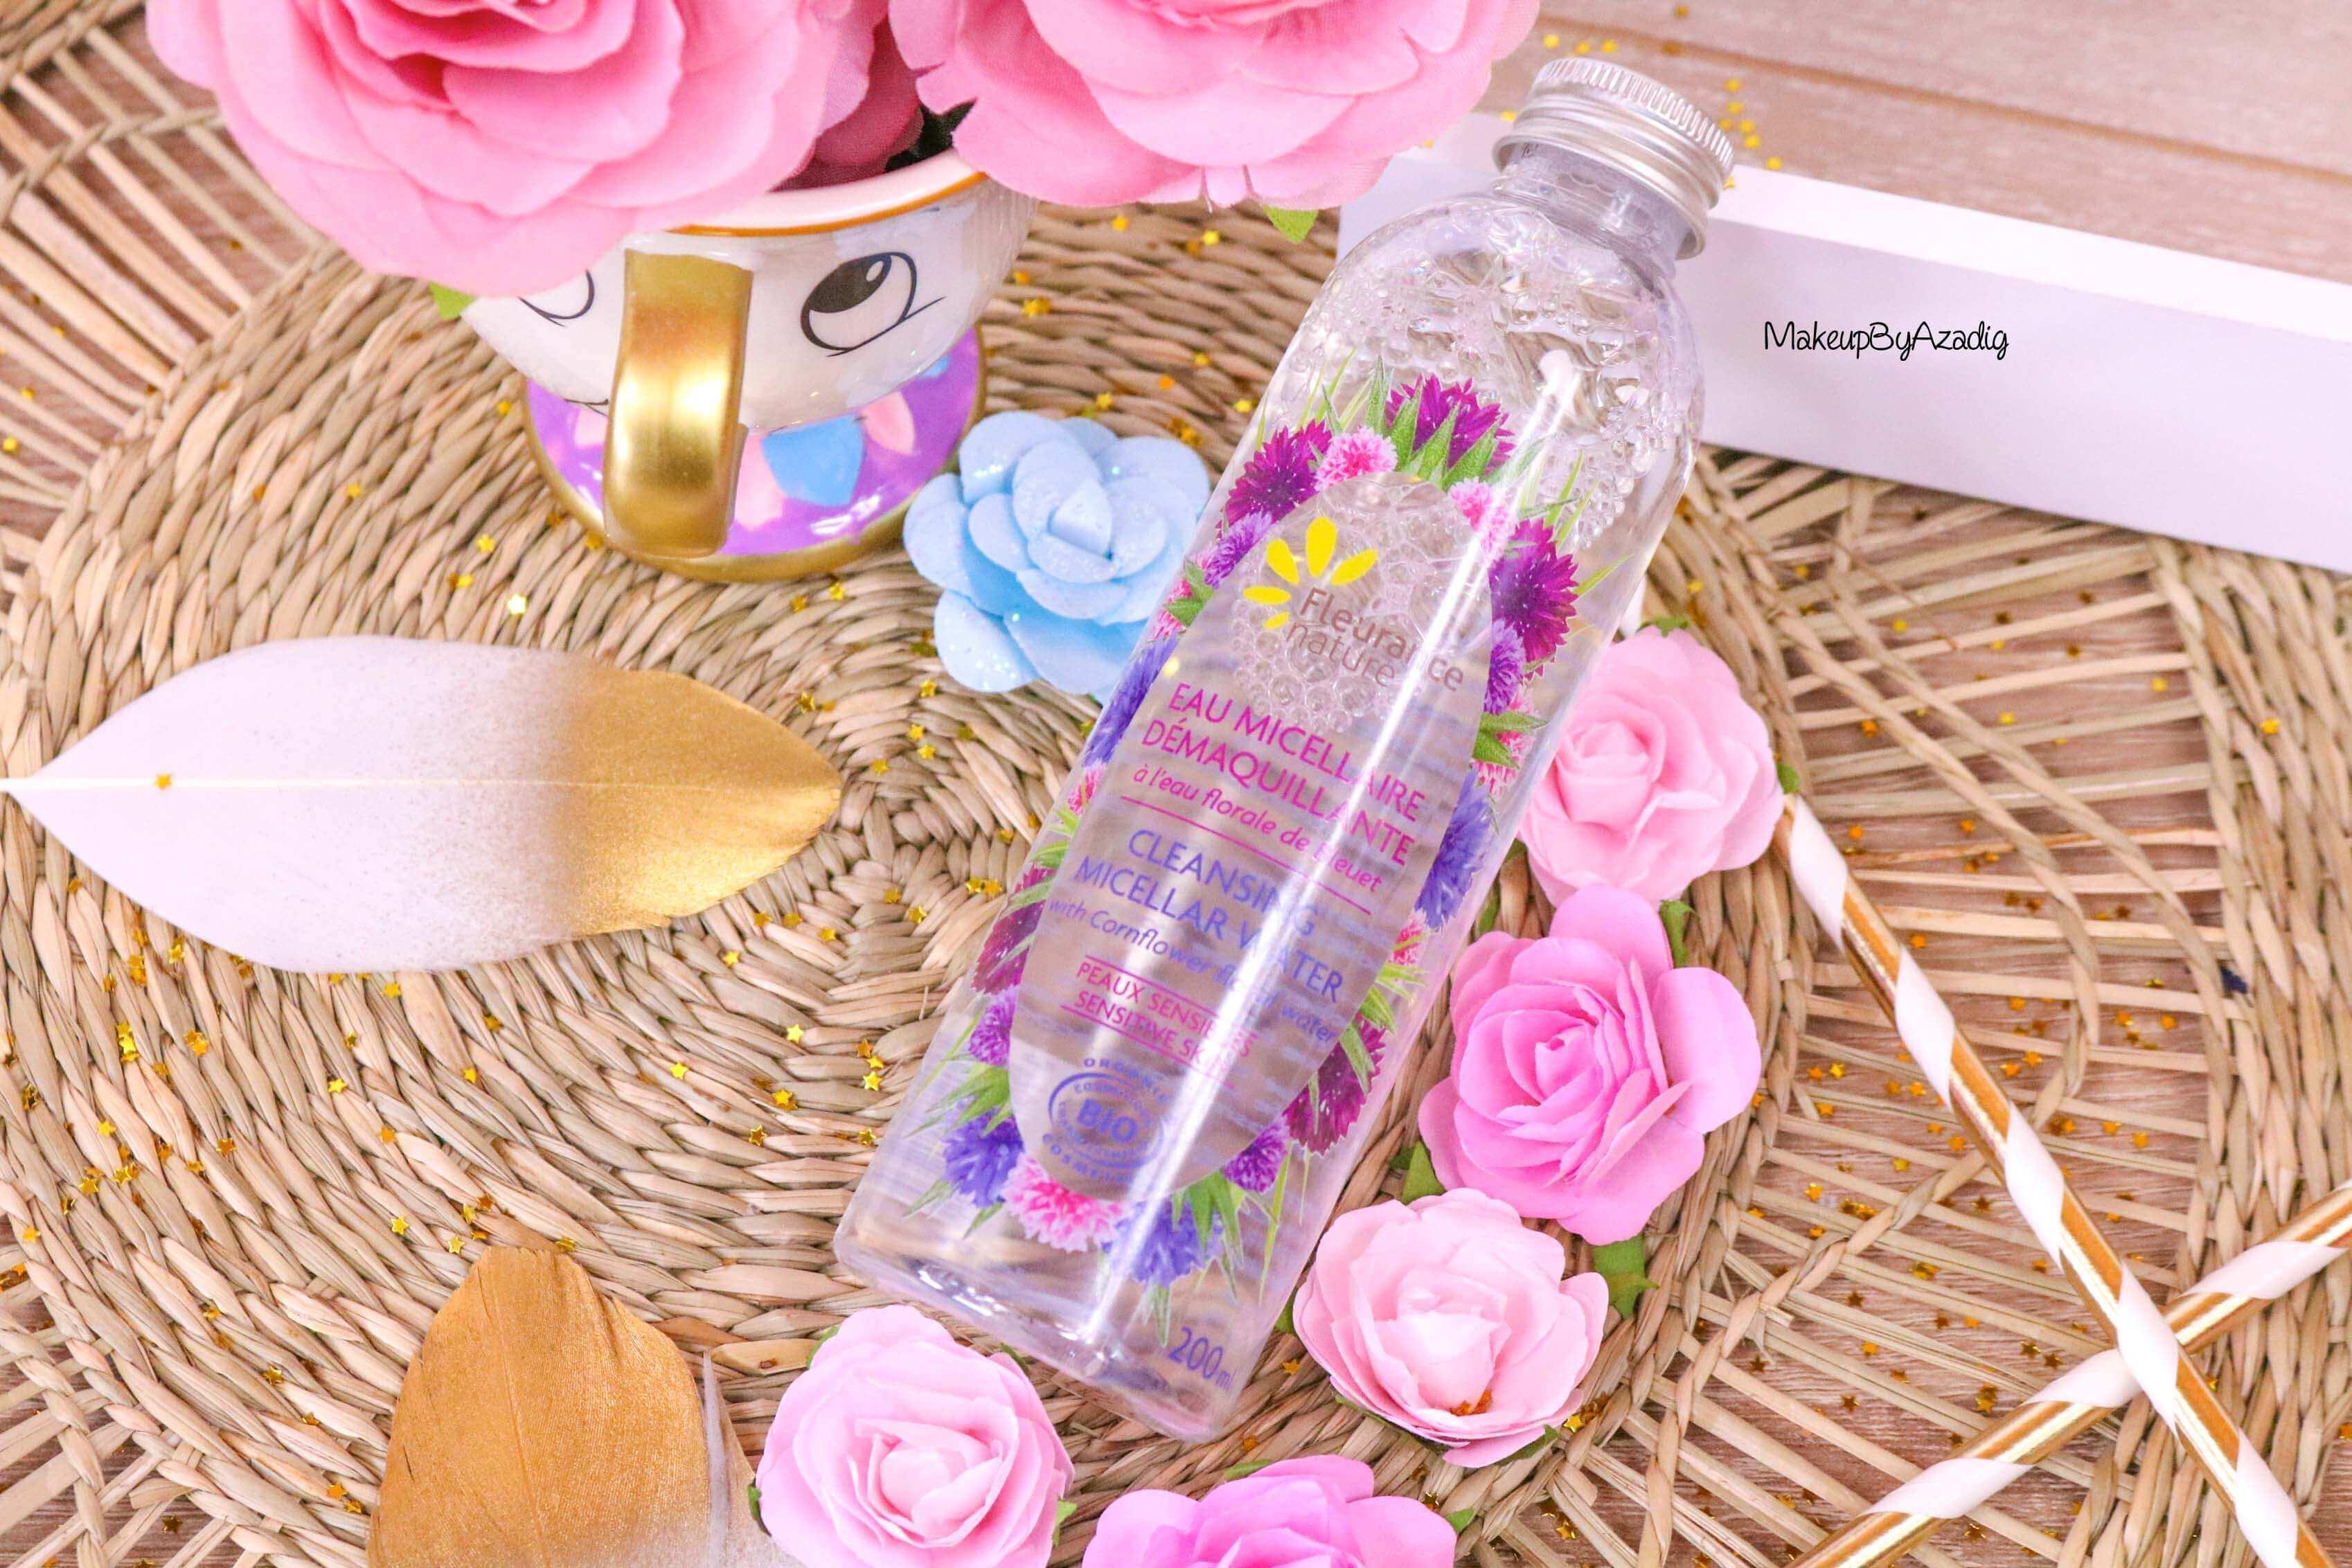 revue-eau-micellaire-peau-sensible-cosmetique-bio-fleurance-nature-makeupbyazadig-florale-bleuet-prix-avis-blue